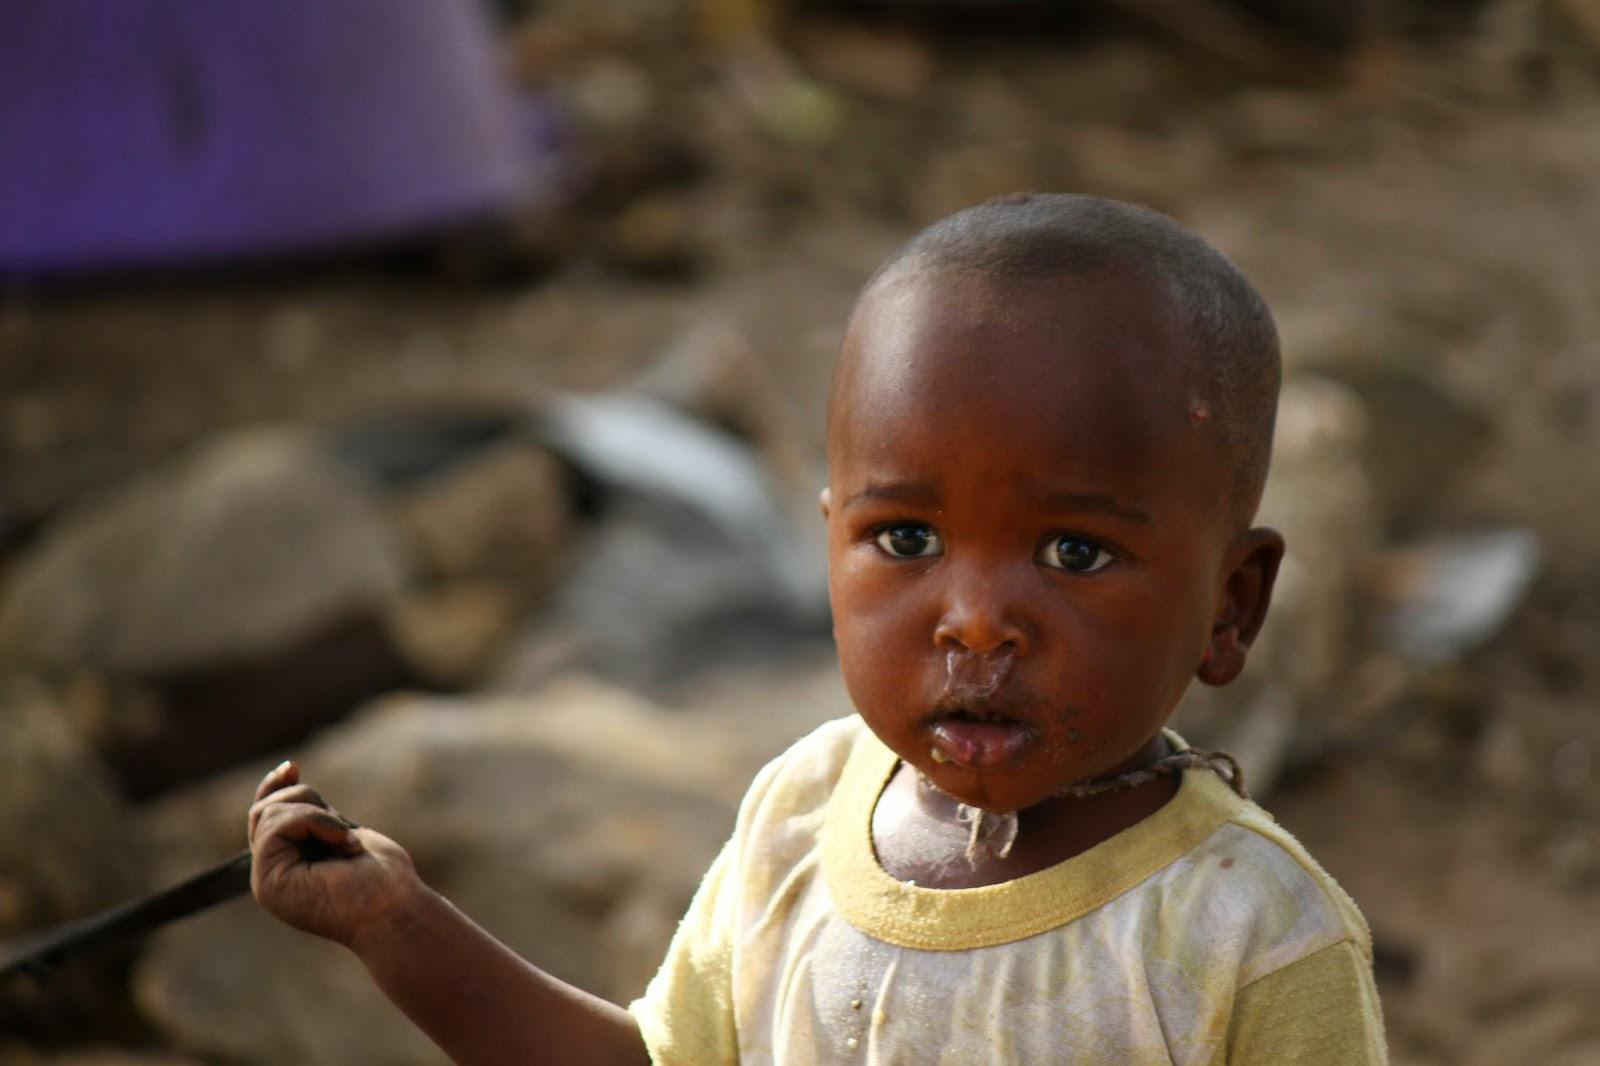 TALIBES, as crianças de rua com um olhar vazio vindo do Senegal